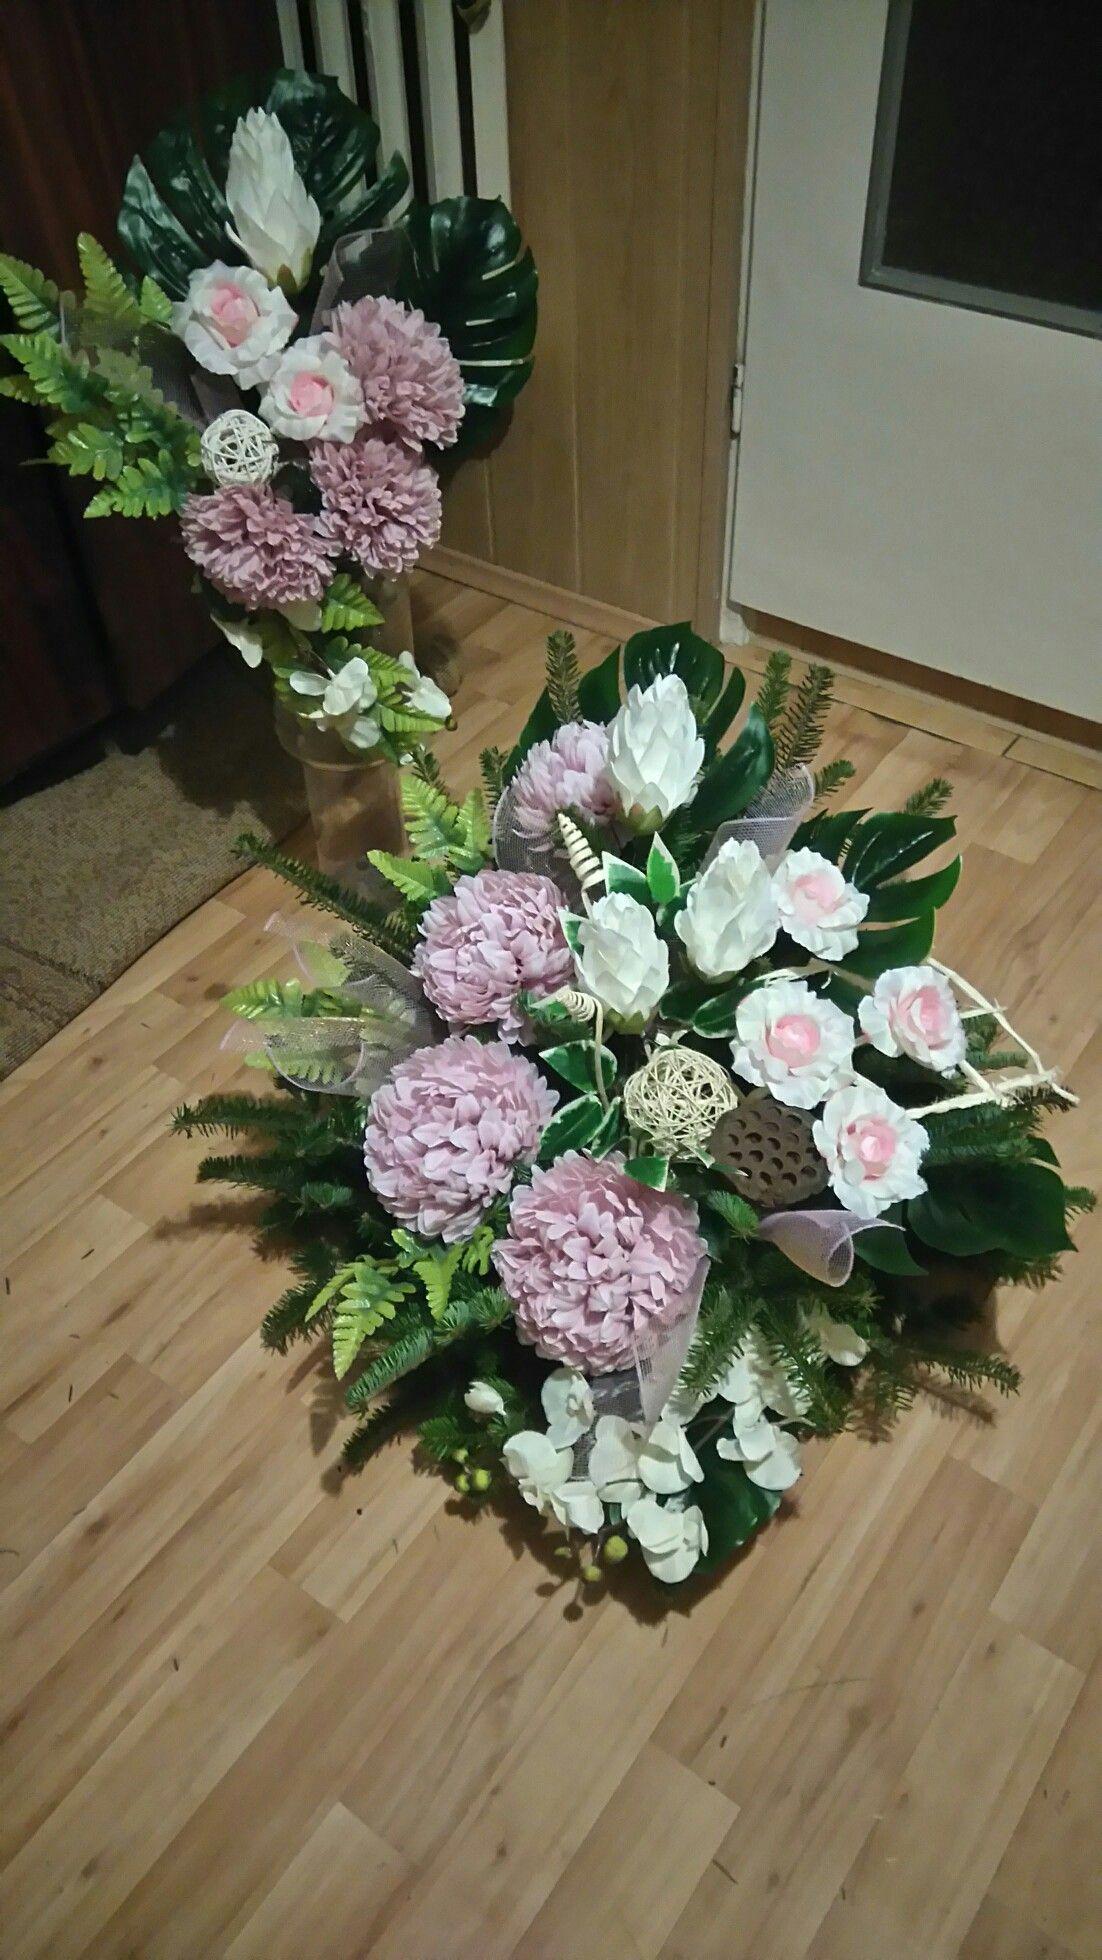 Stroik Na Grob Wszystkich Swietych Funeral Sprays Wreaths Funeral Flowers Flower Arrangements Artificial Flowers